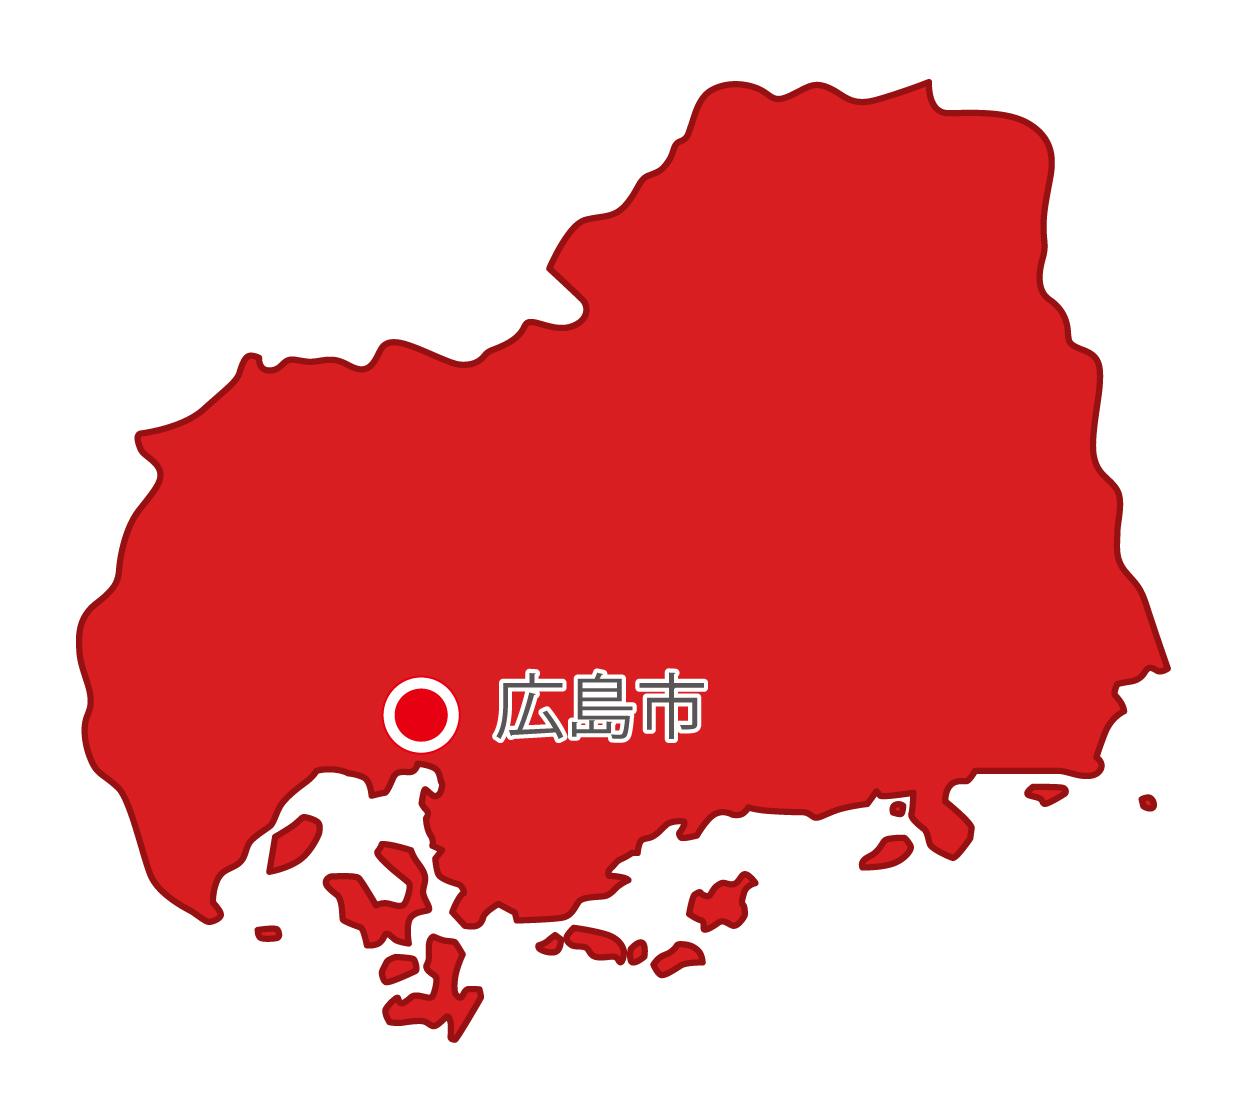 広島県無料フリーイラスト|日本語・県庁所在地あり(赤)